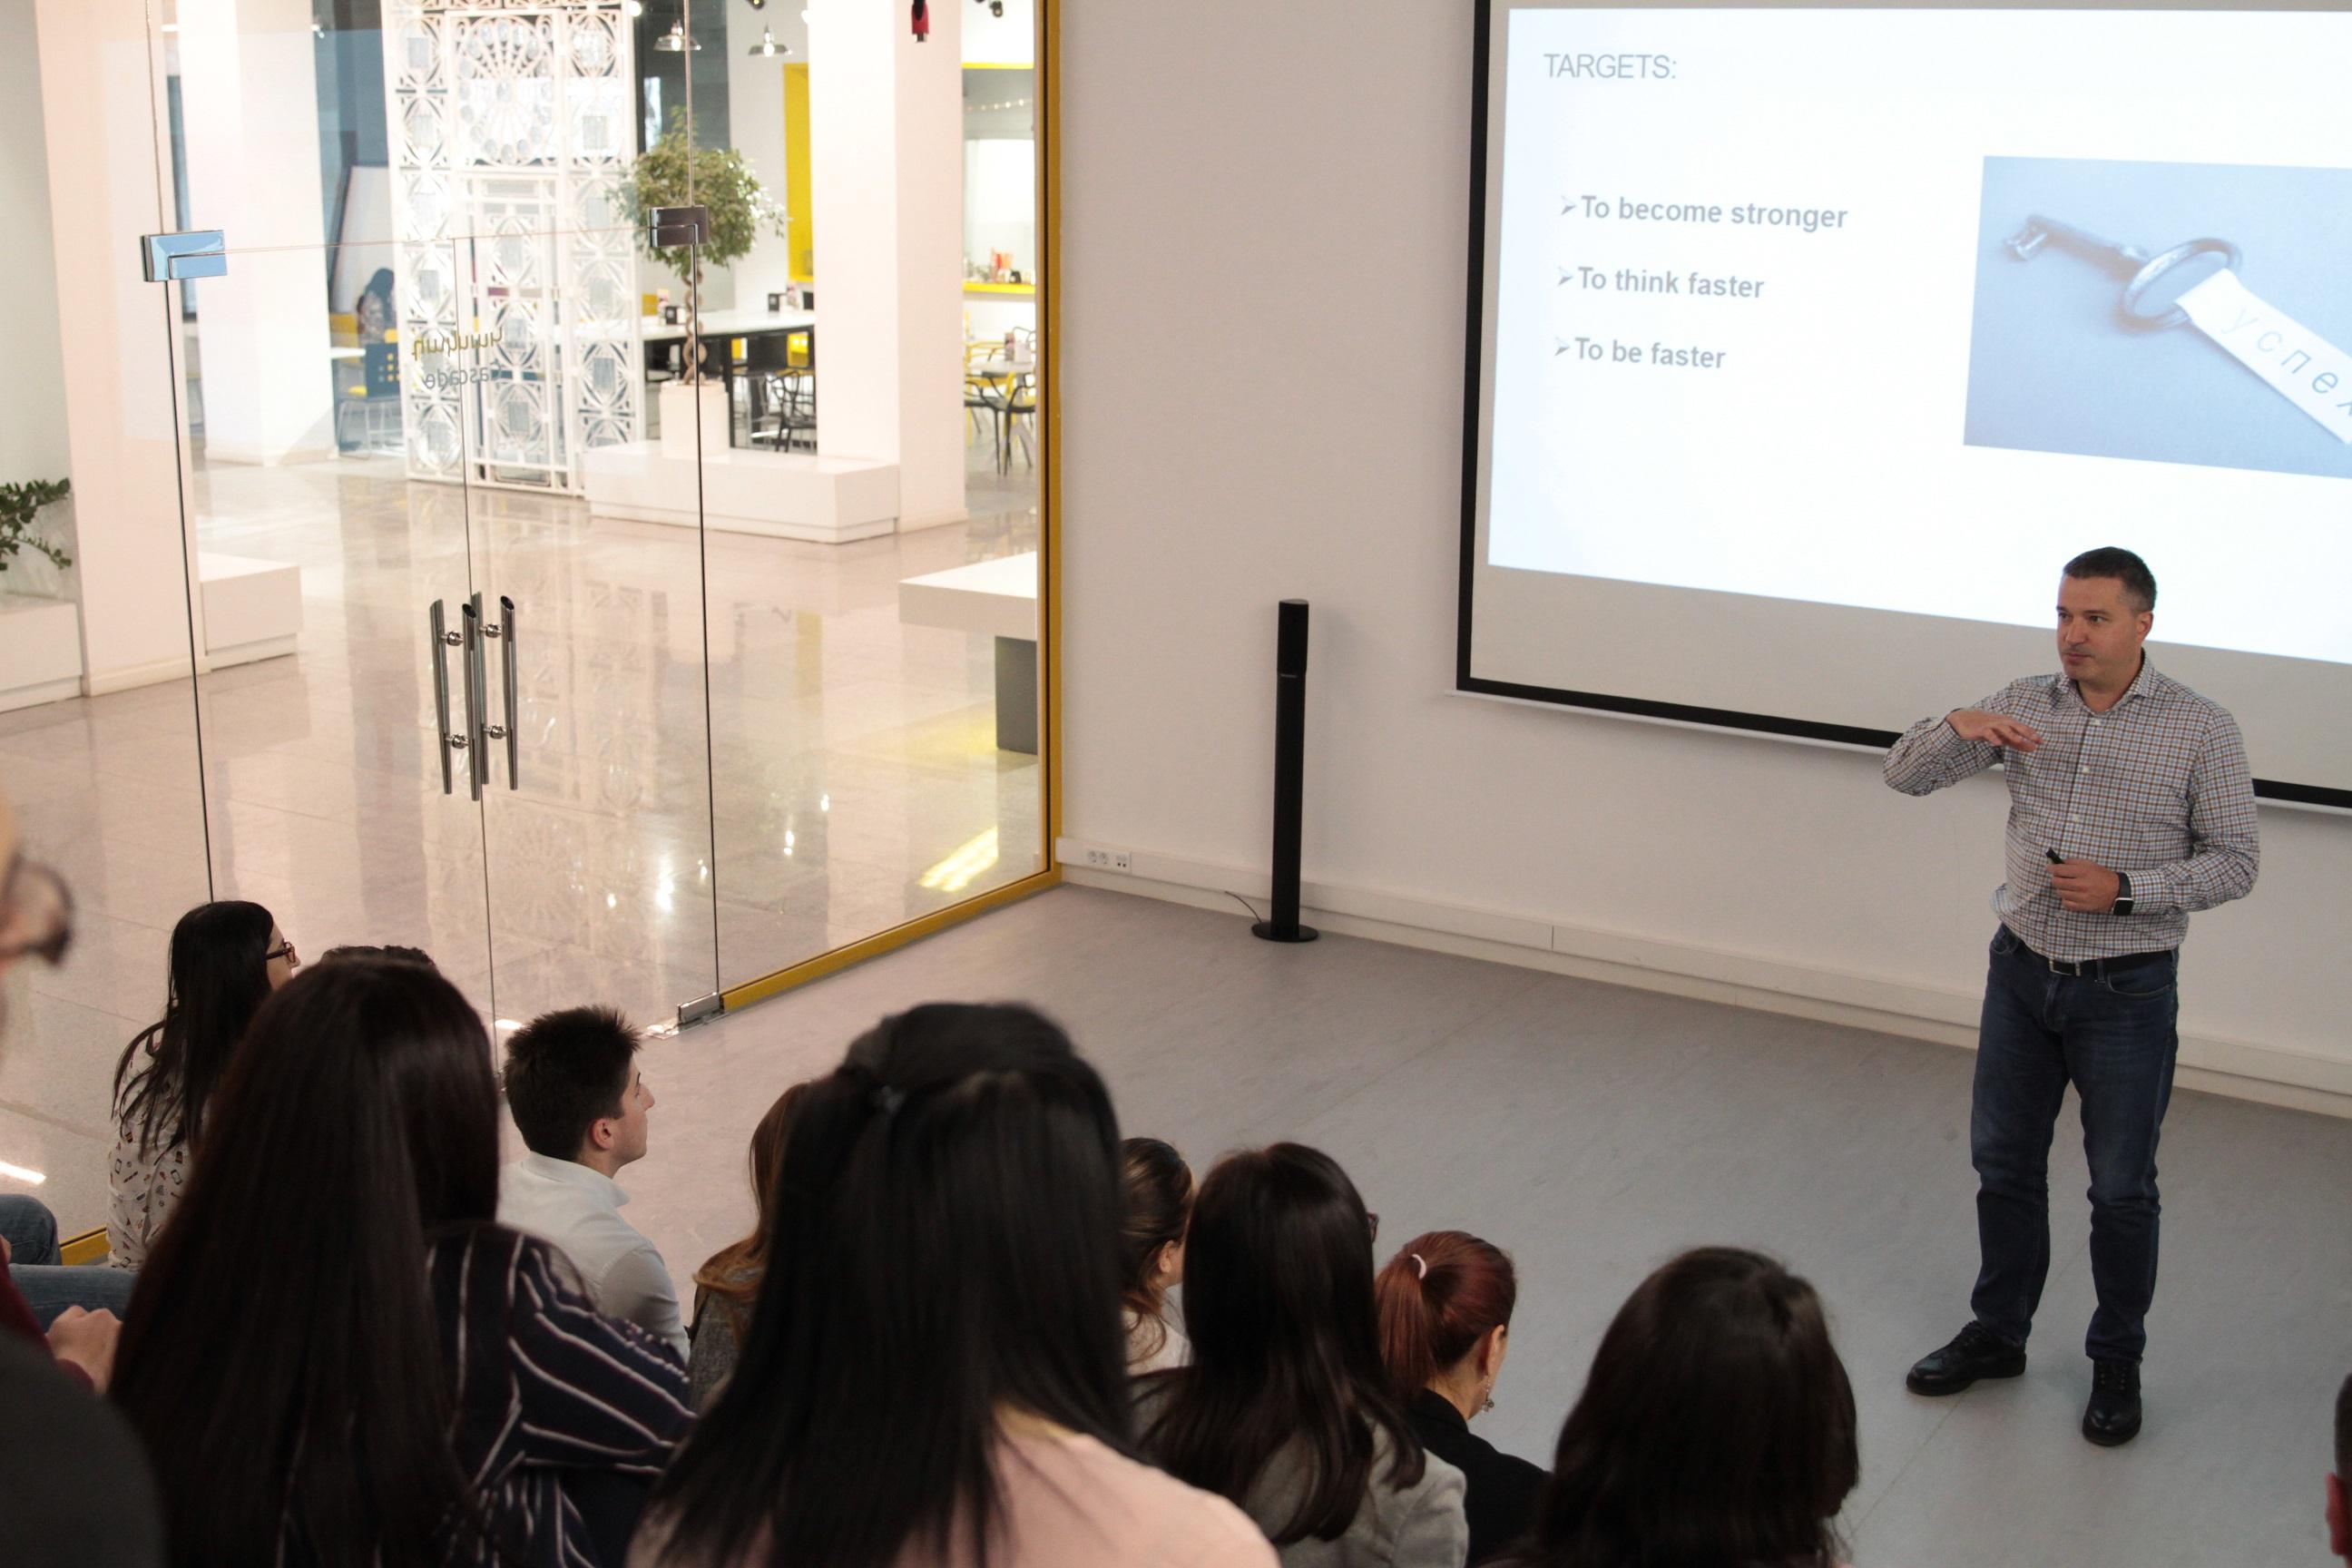 Beeline. Անդրեյ Պյատախինը դասախոսություն է կարդացել Առաջնորդության դպրոցի ուսանողների համար